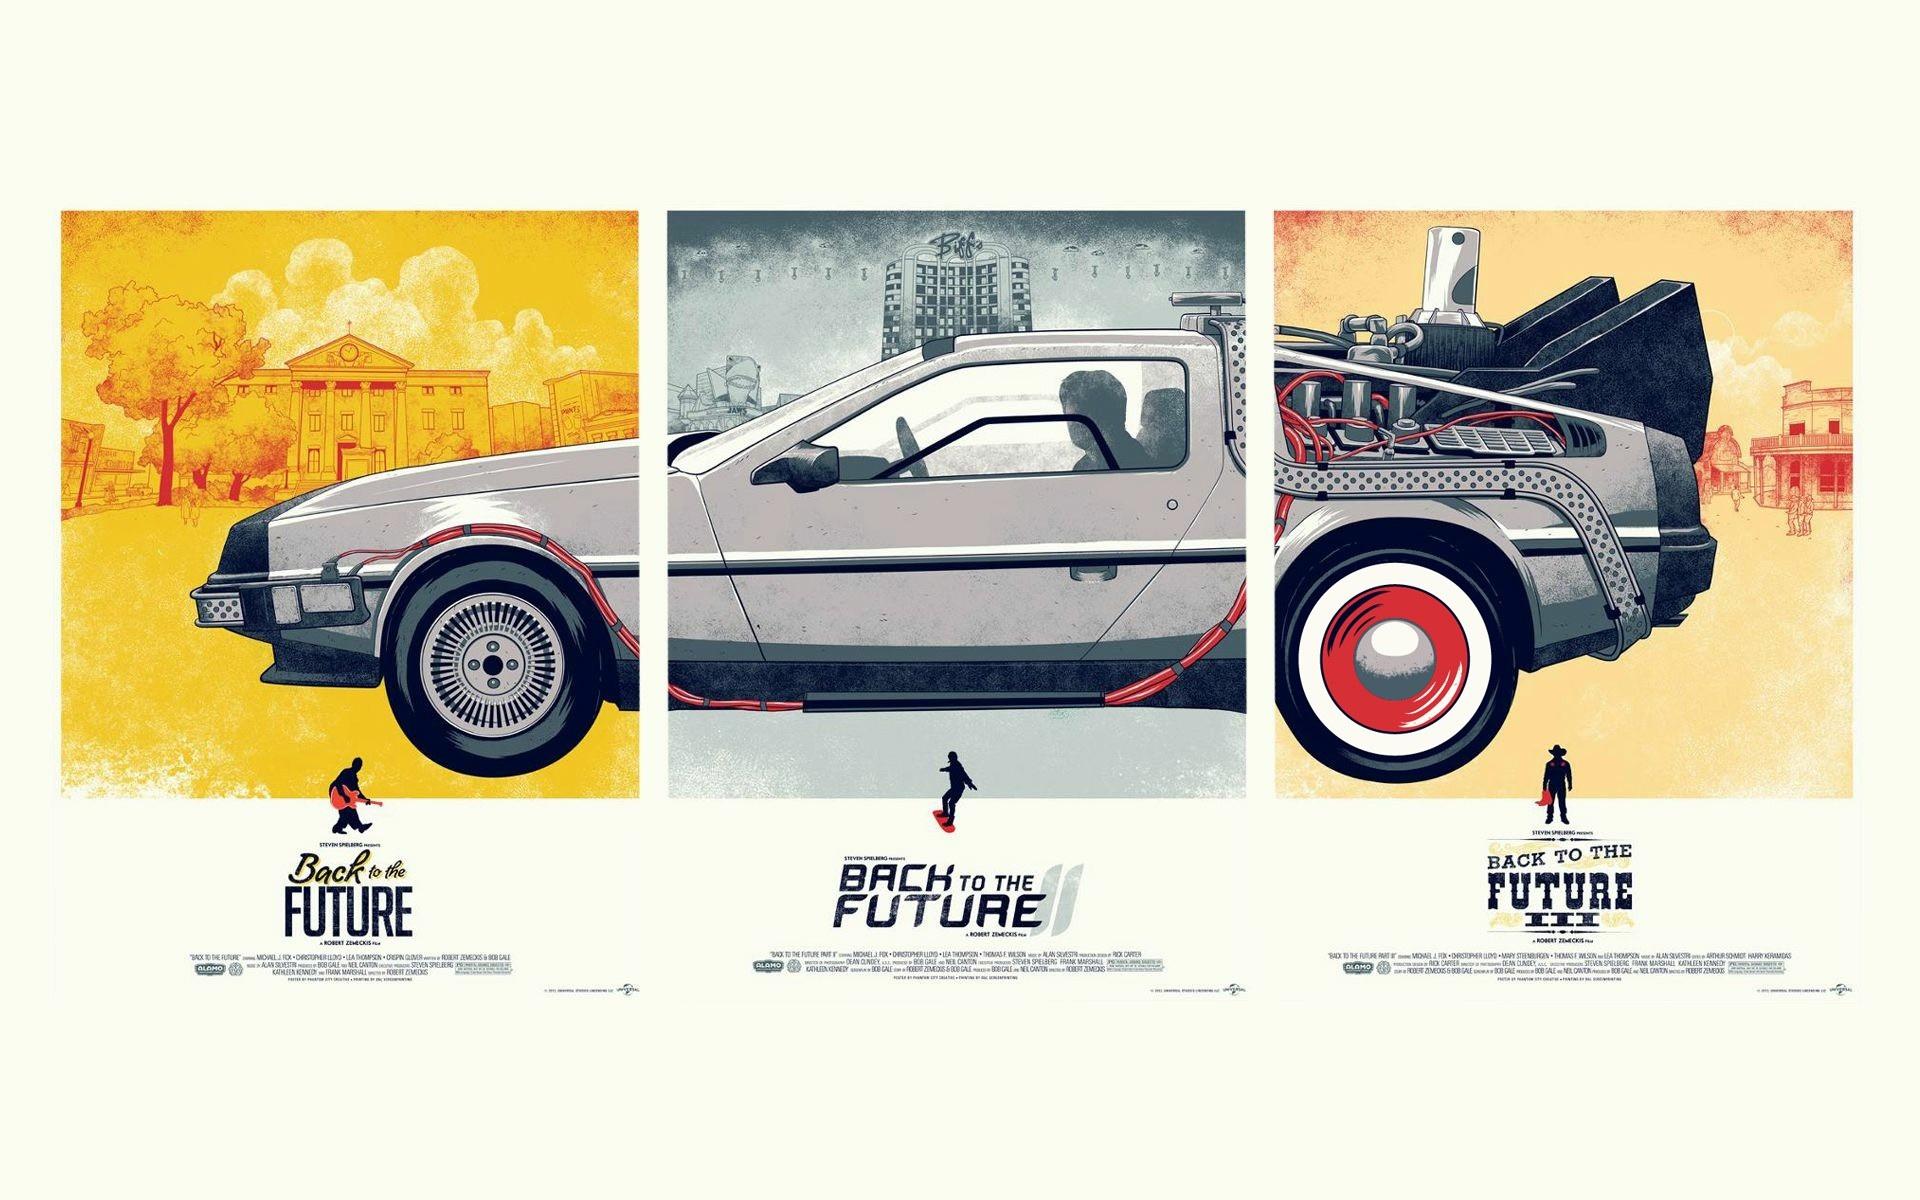 poster-trilogia-regreso-al-futuro-original